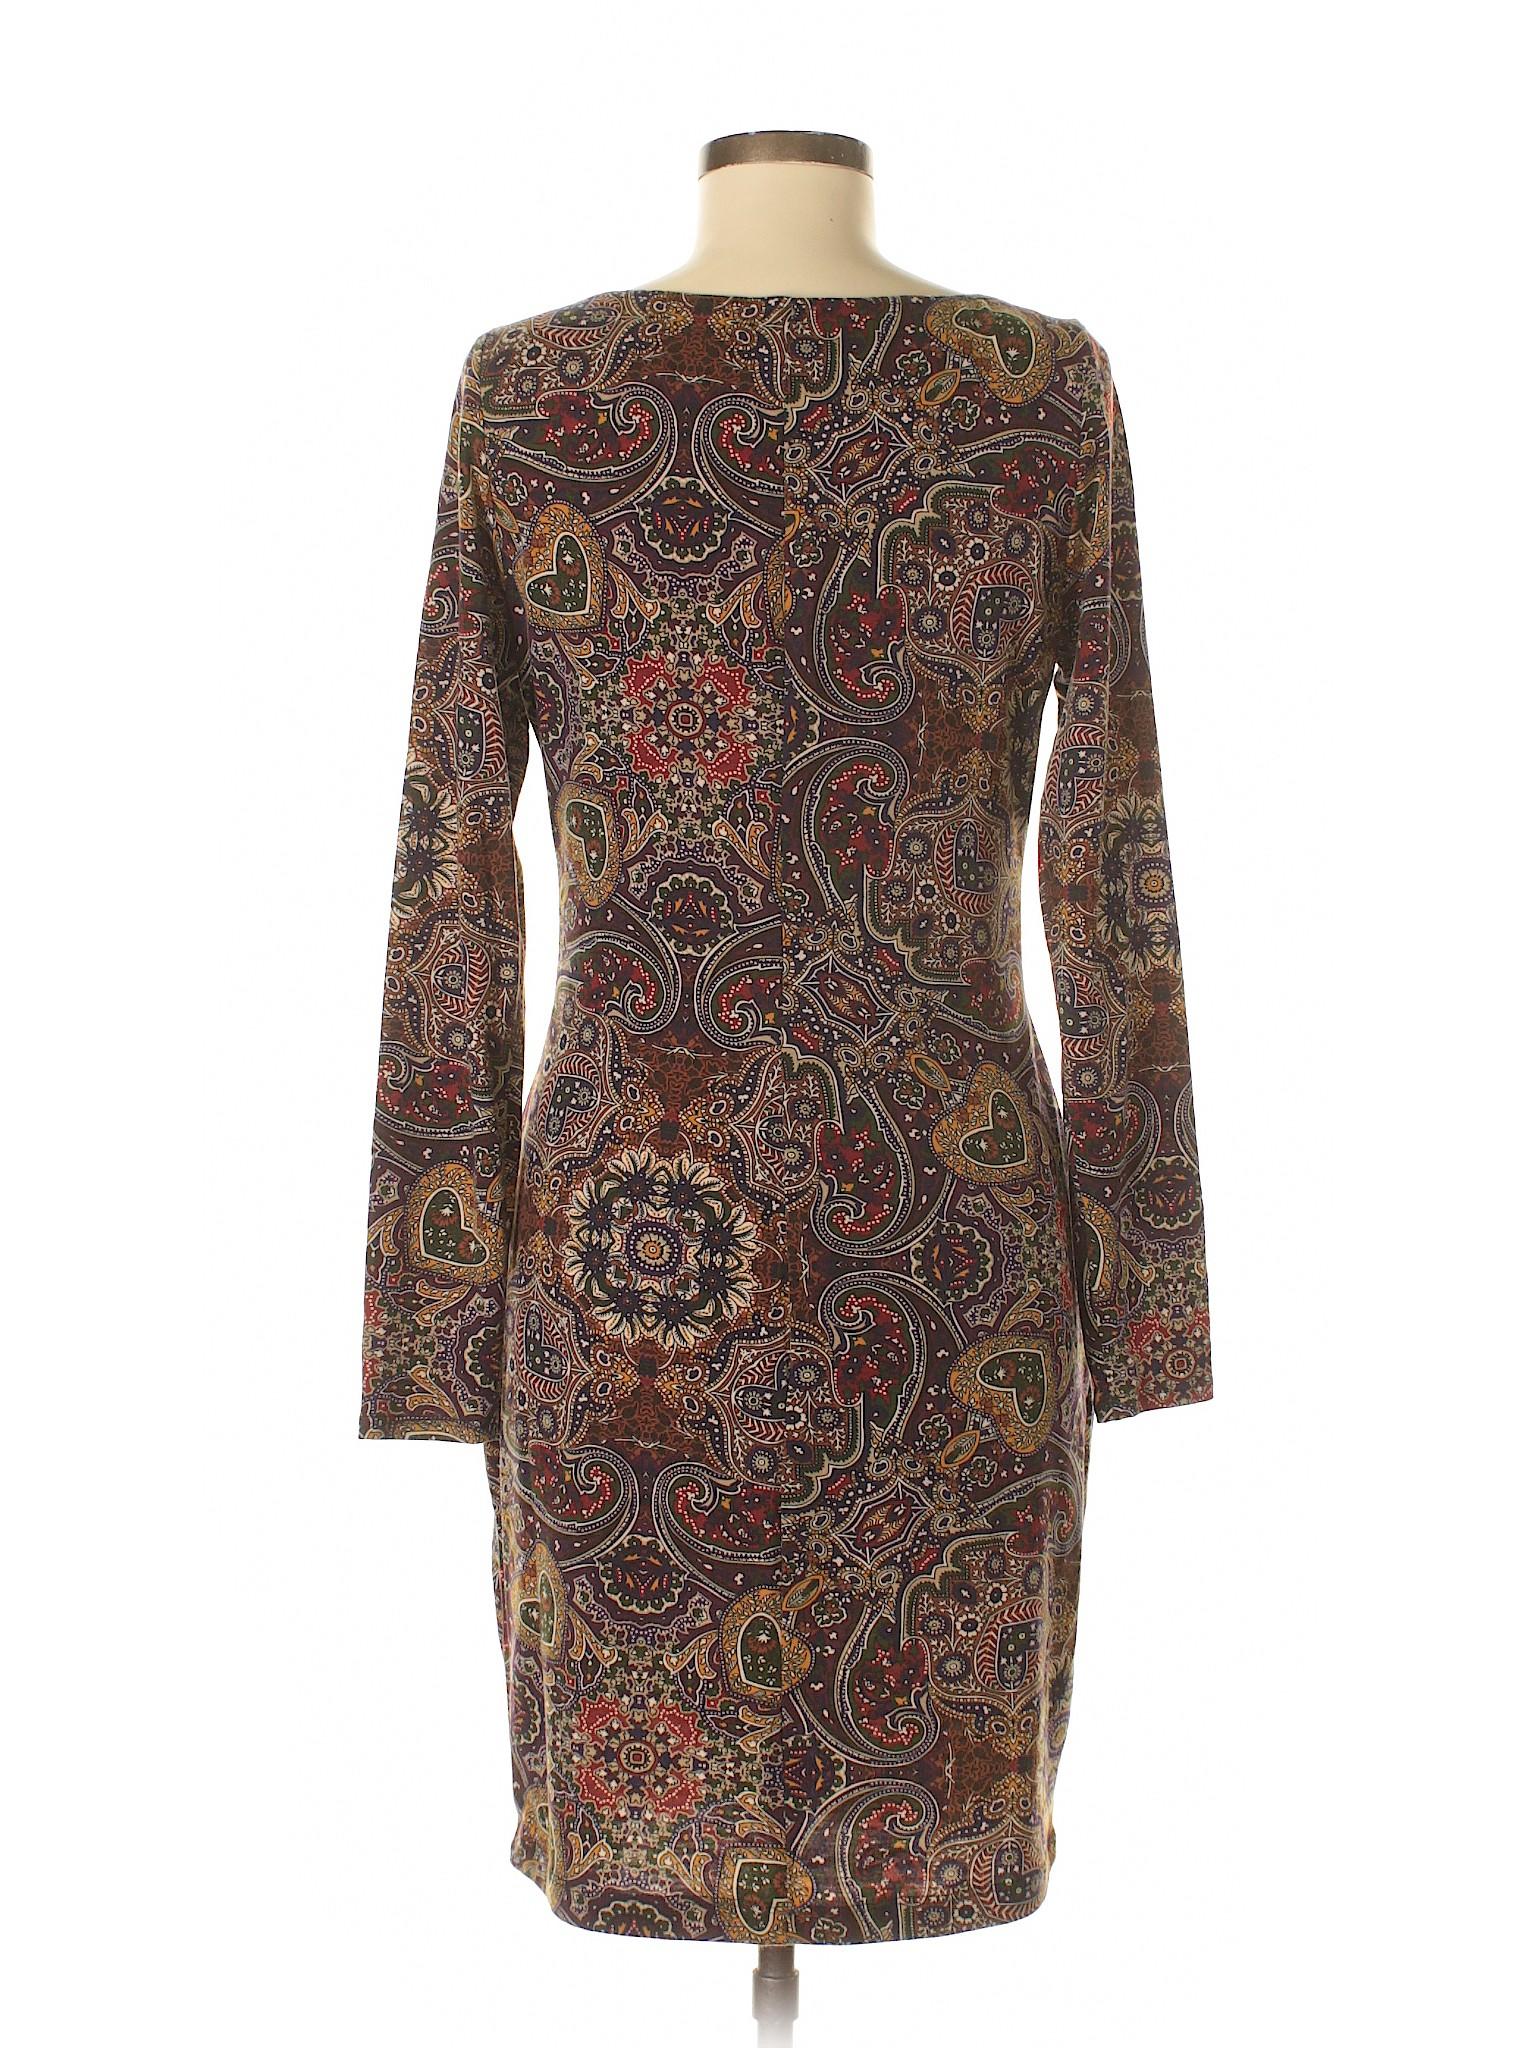 Schwartz Casual ABS winter Dress Allen Boutique t8SPq7